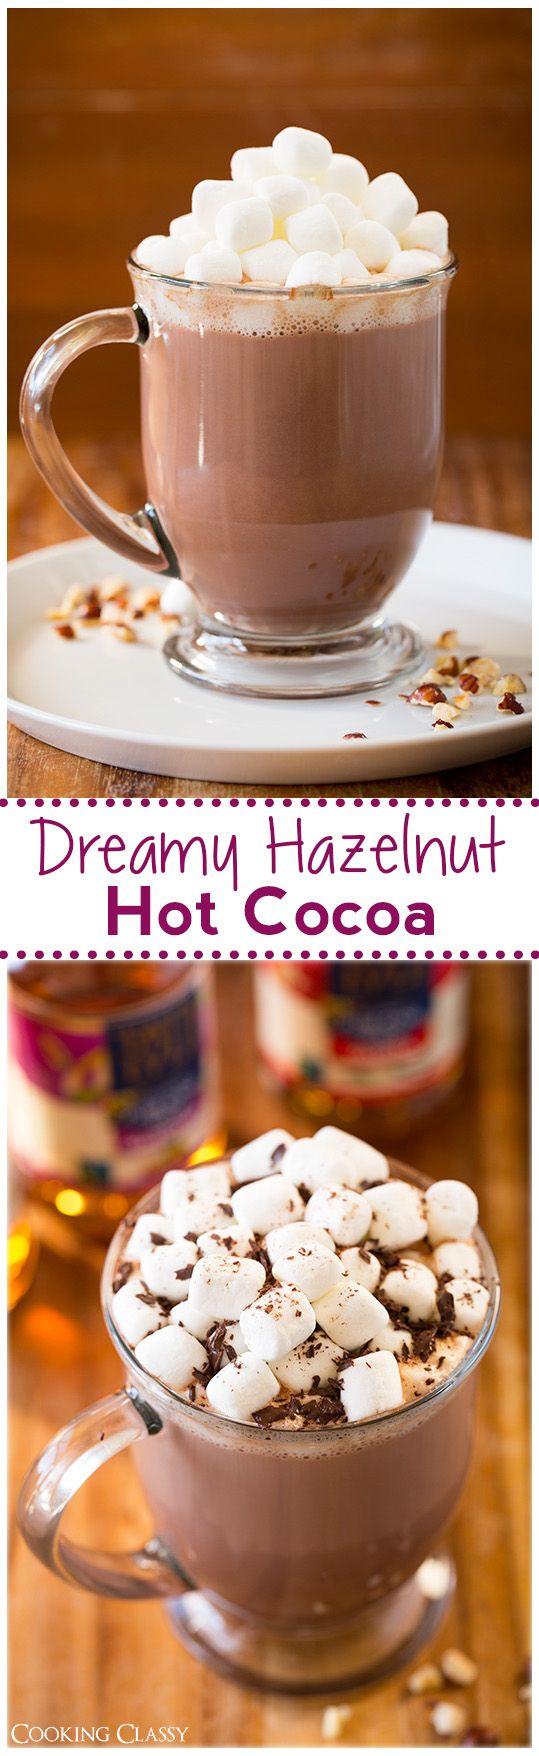 Dreamy Hazelnut Hot Cocoa recipe via @cookingclassy